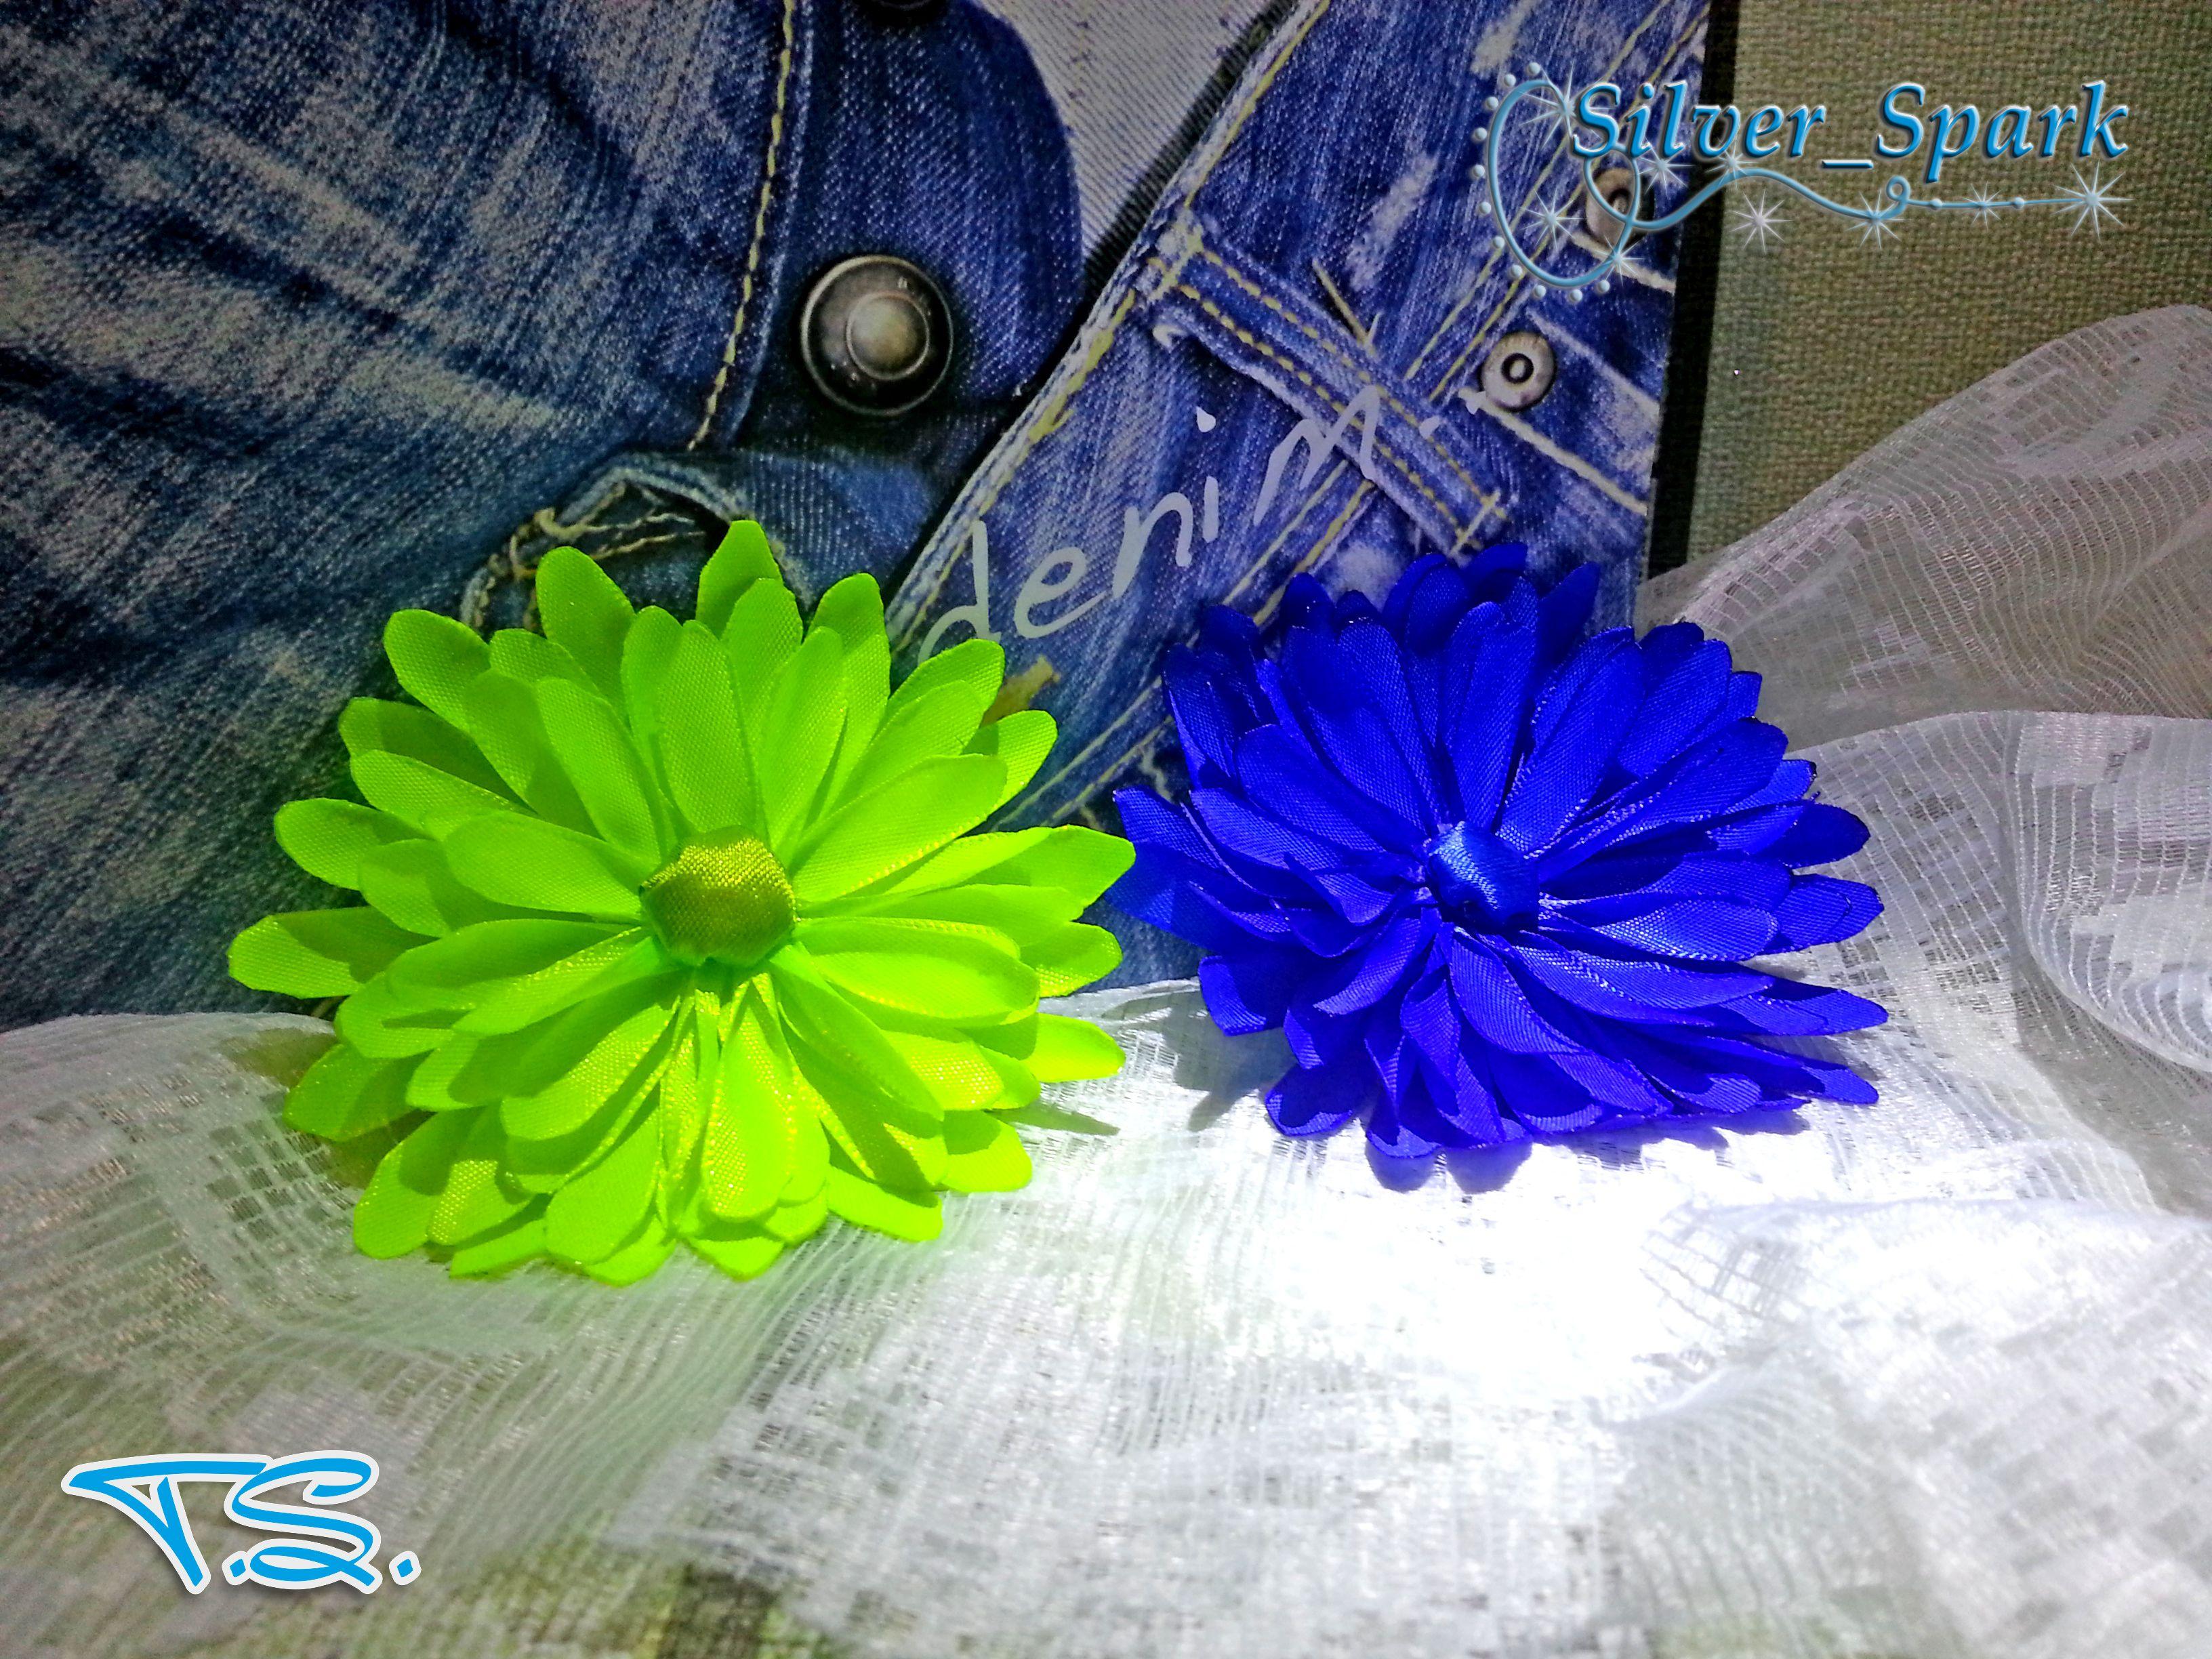 украшение handmade творчество рукоделие руками своими класс мастер канзаши декор искусство цветок идея лента видео урок лепестка атлас атласная